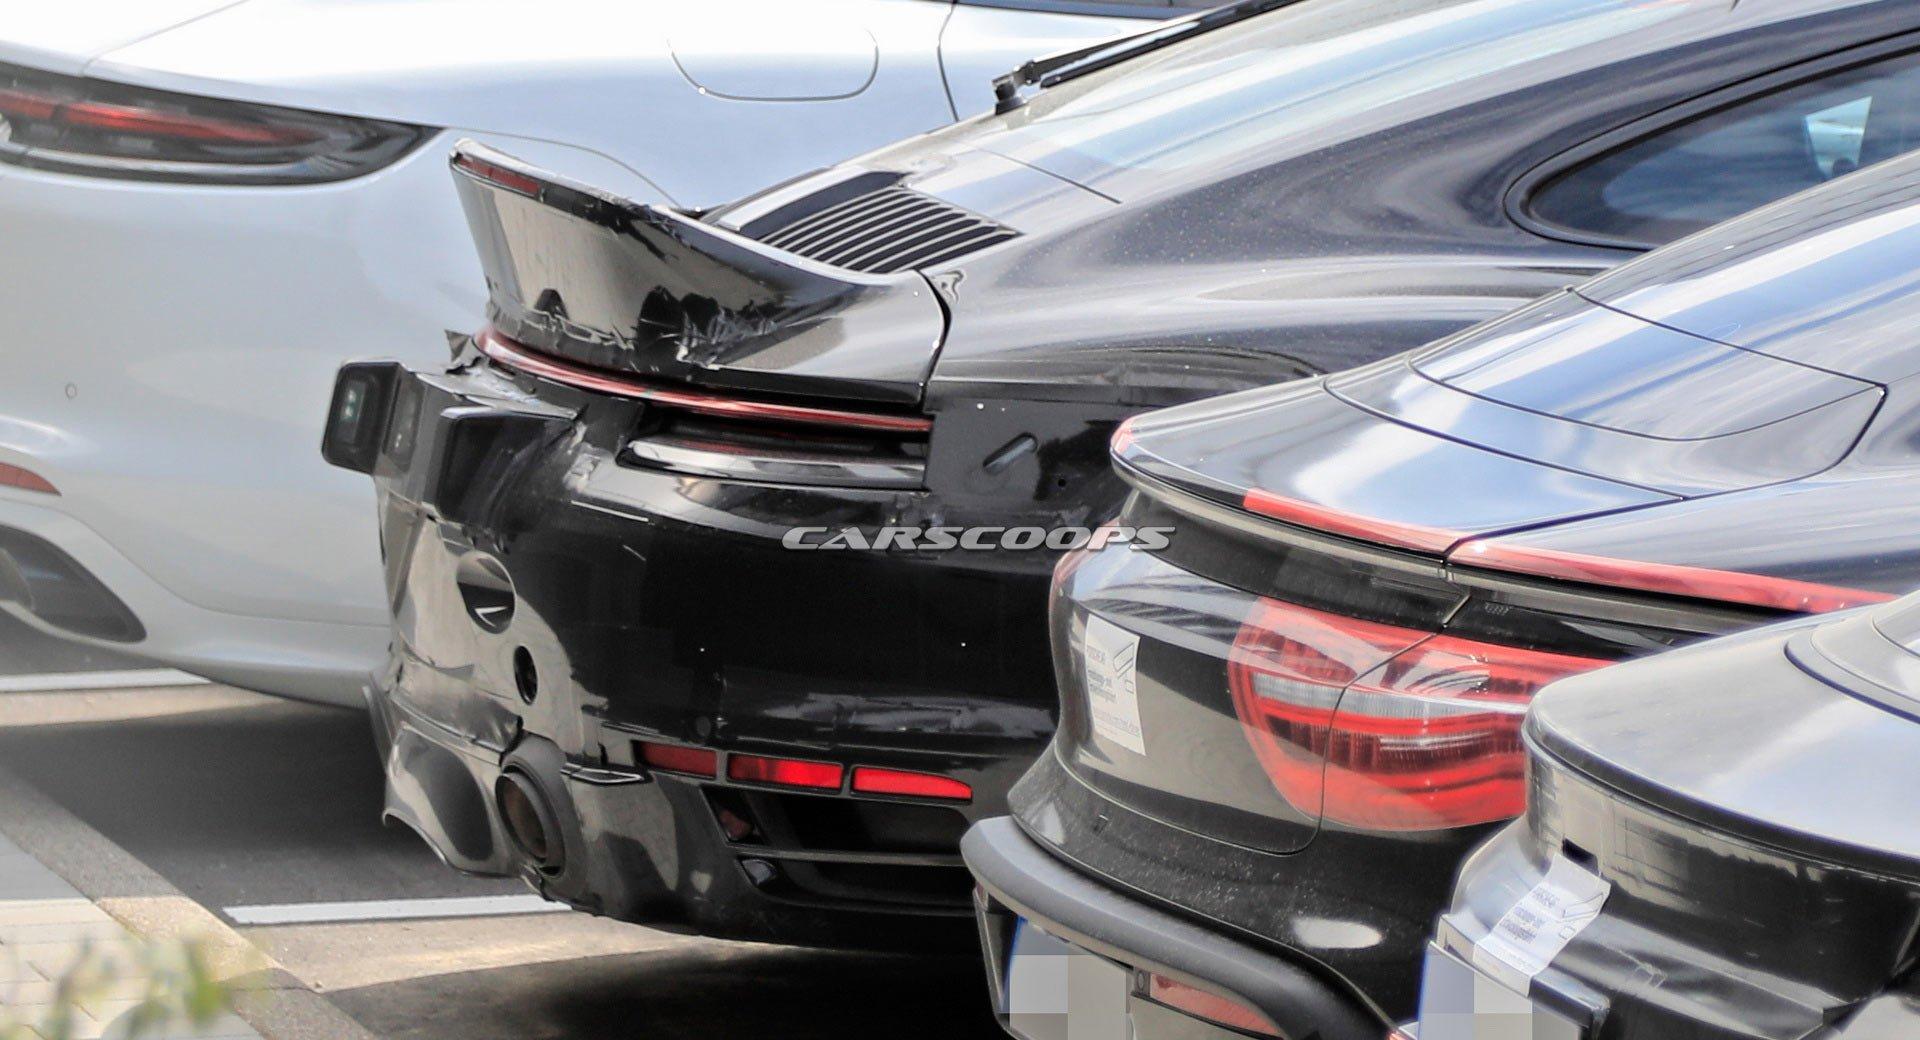 Фотошпионам попалась новая модификация Porsche 911 под названием Sport Classic, вдохновлённая культовыми «девятьсот одиннадцатыми» прежних времён.